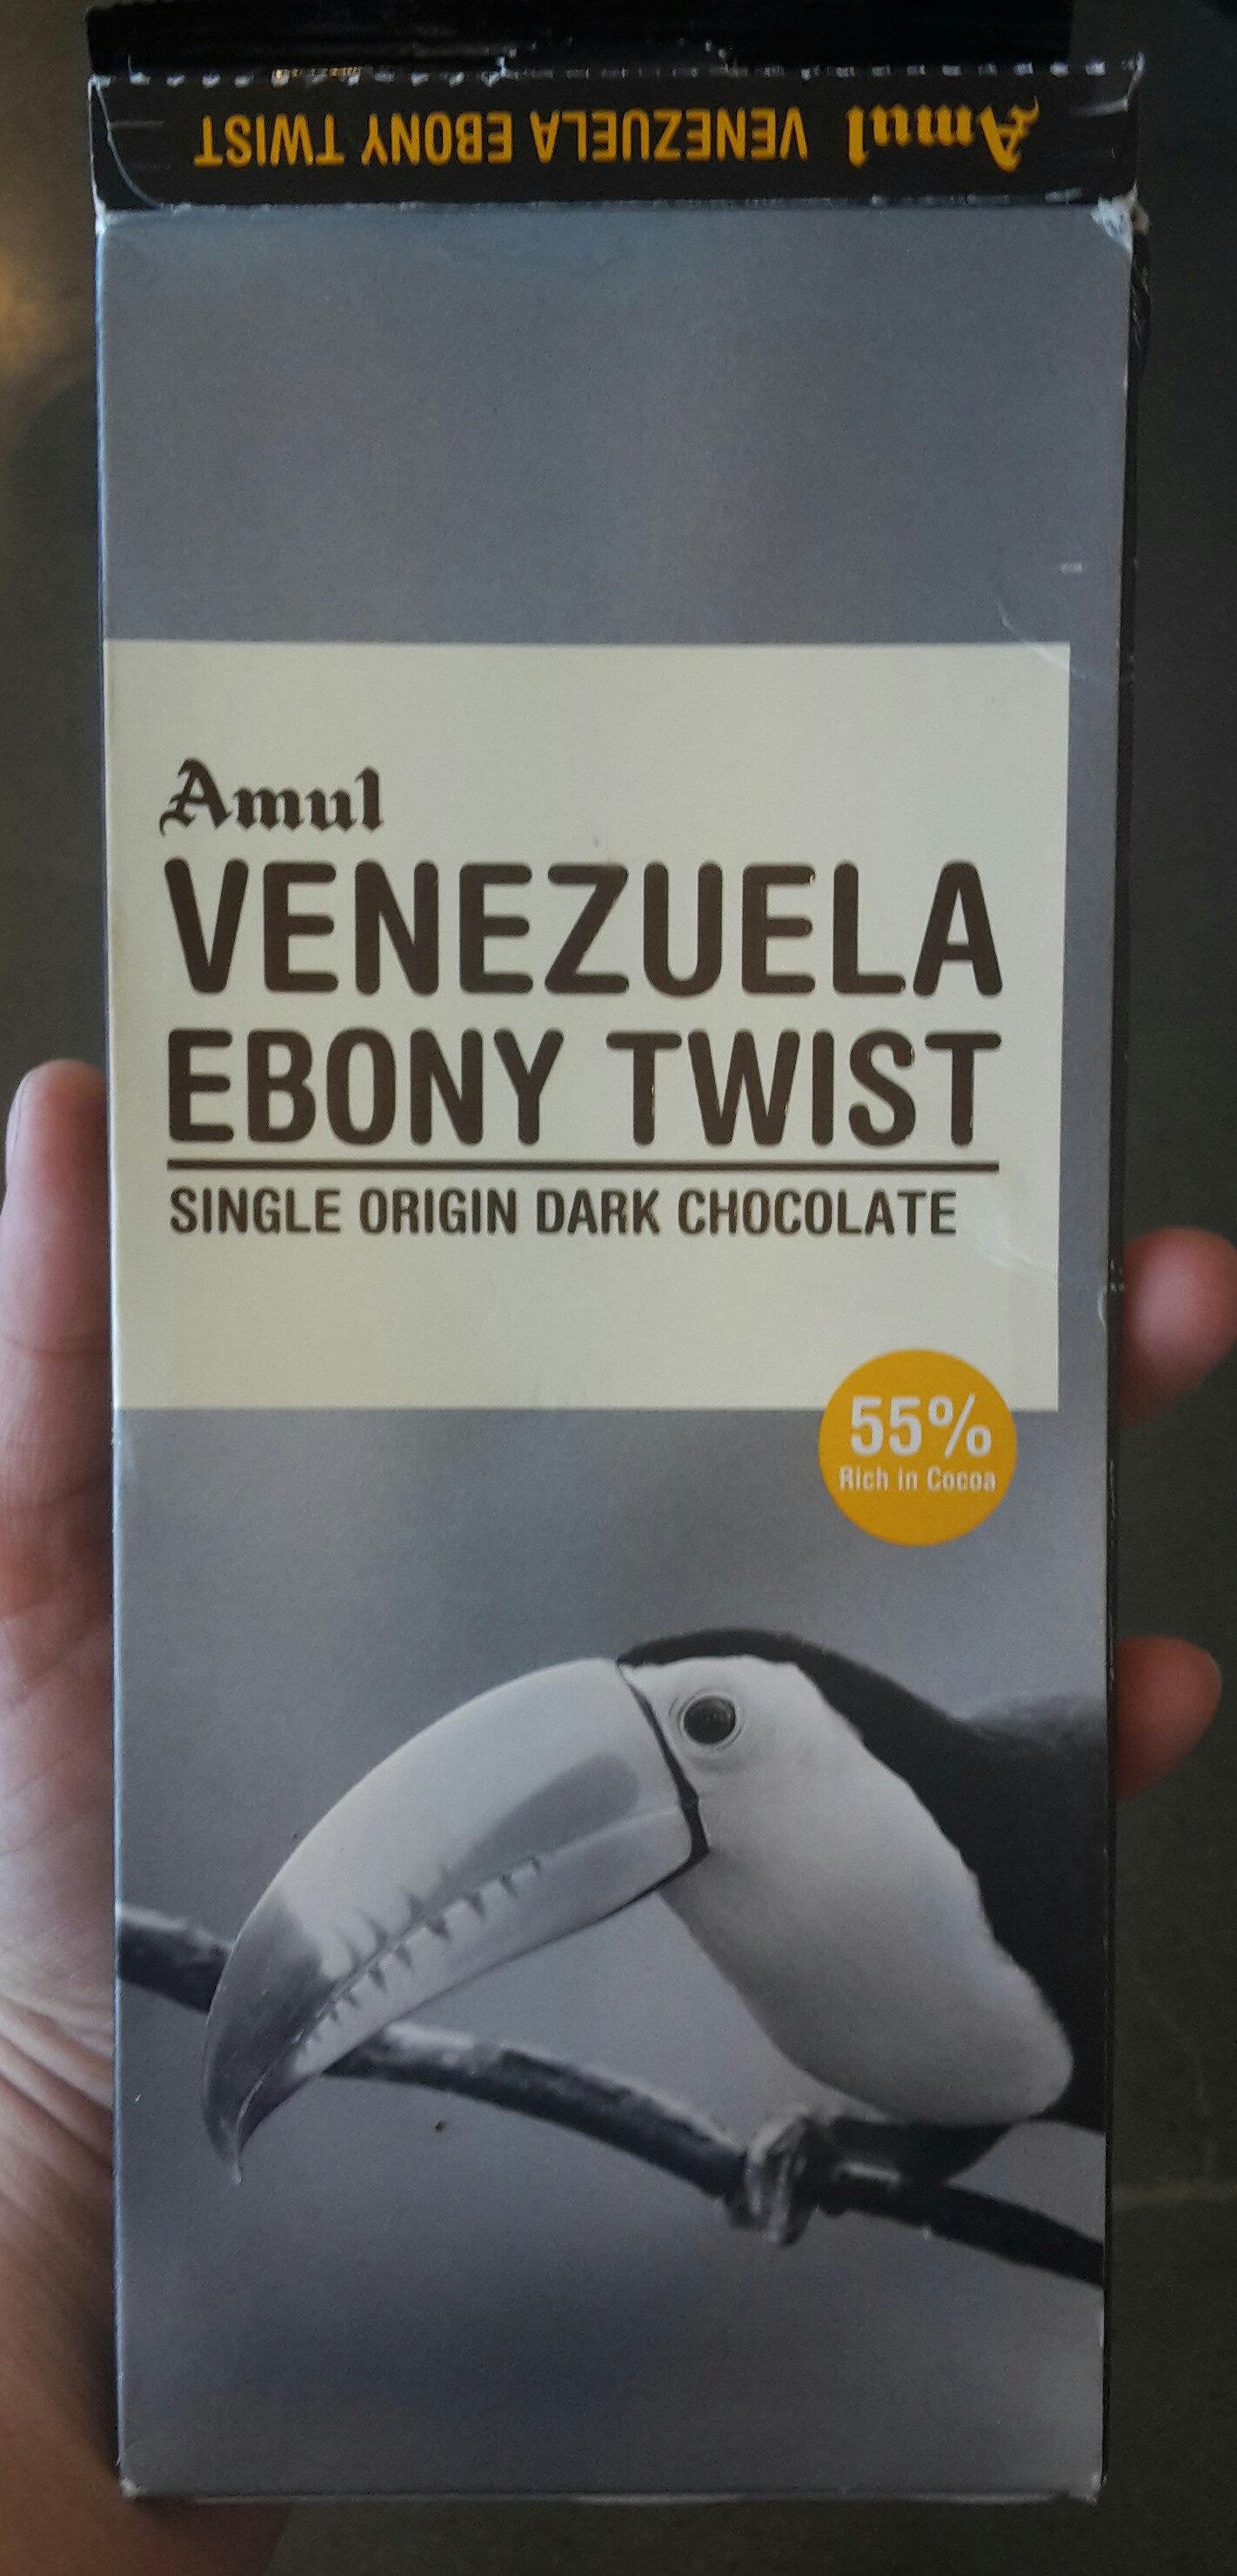 Venezuela Ebony Twist - Product - en